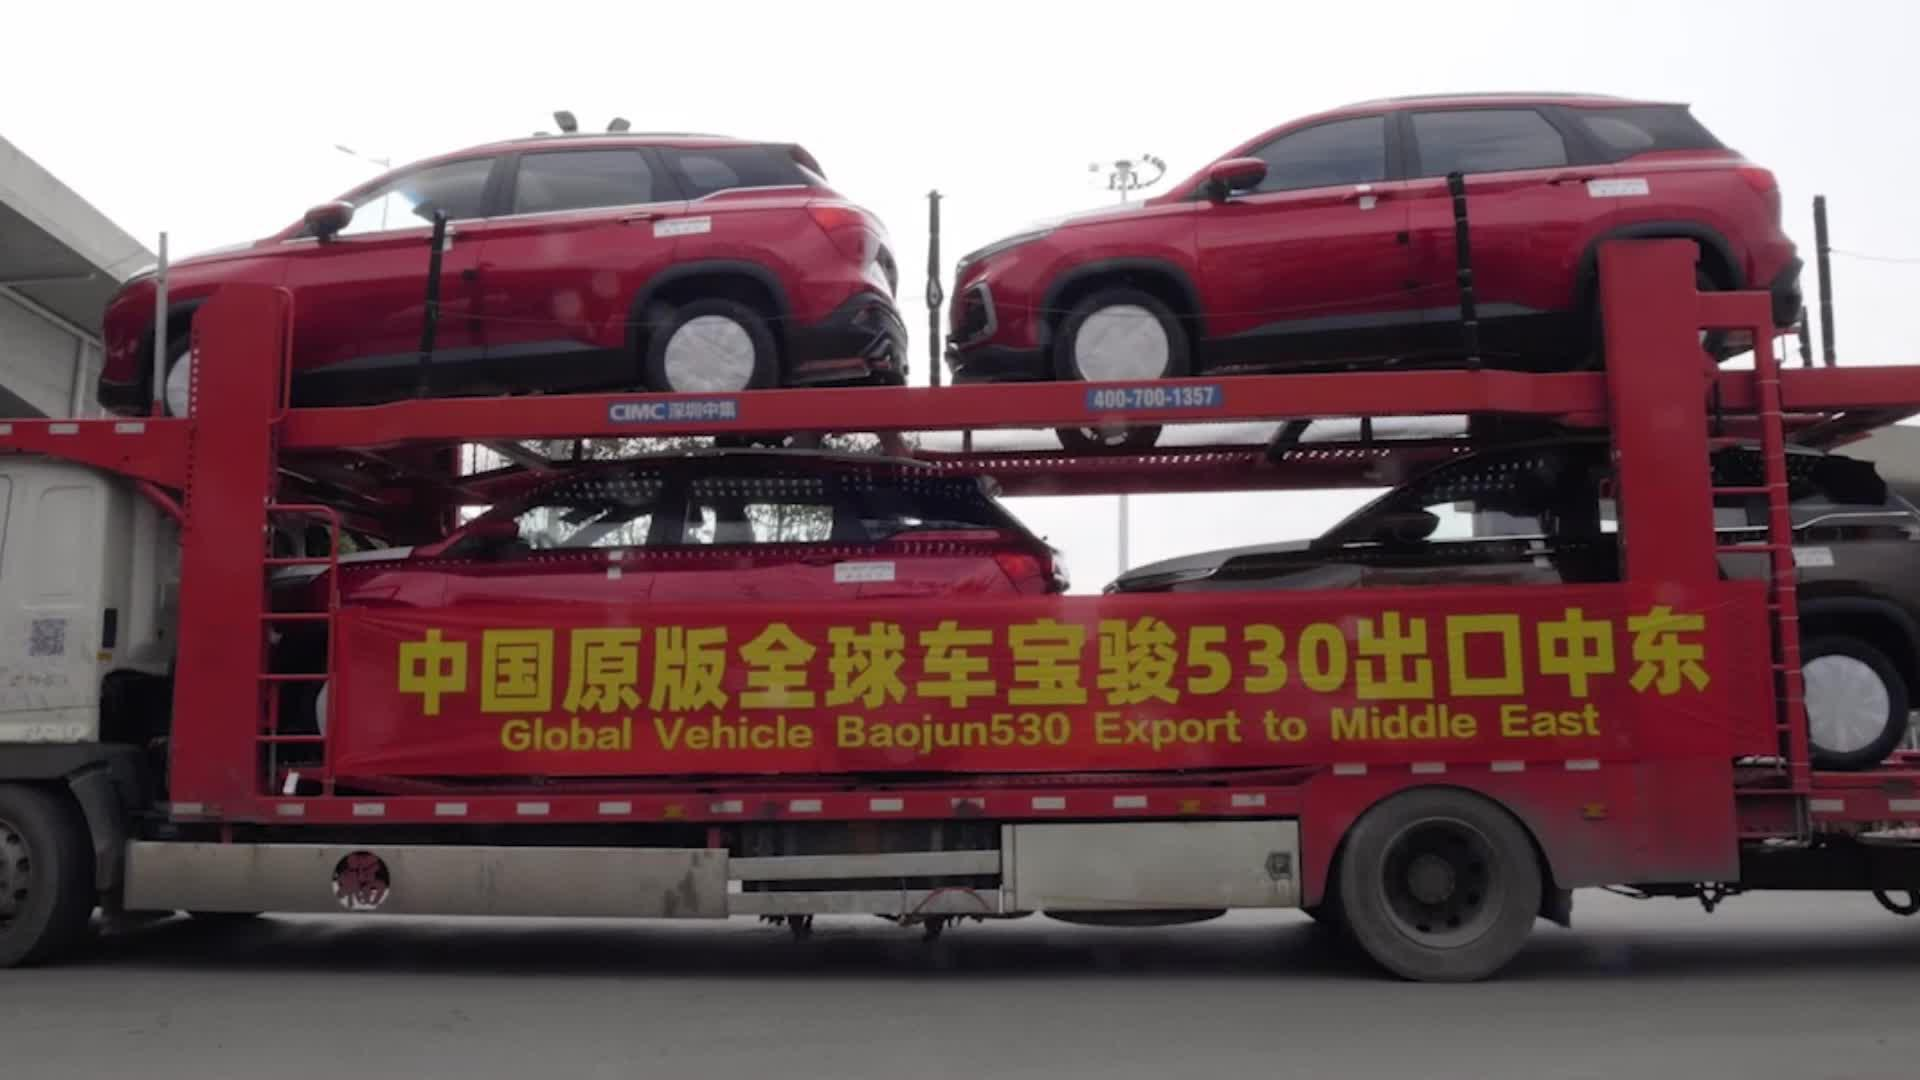 视频:中国制造,硬核五菱原版全球车宝骏530 出口中东正式发运